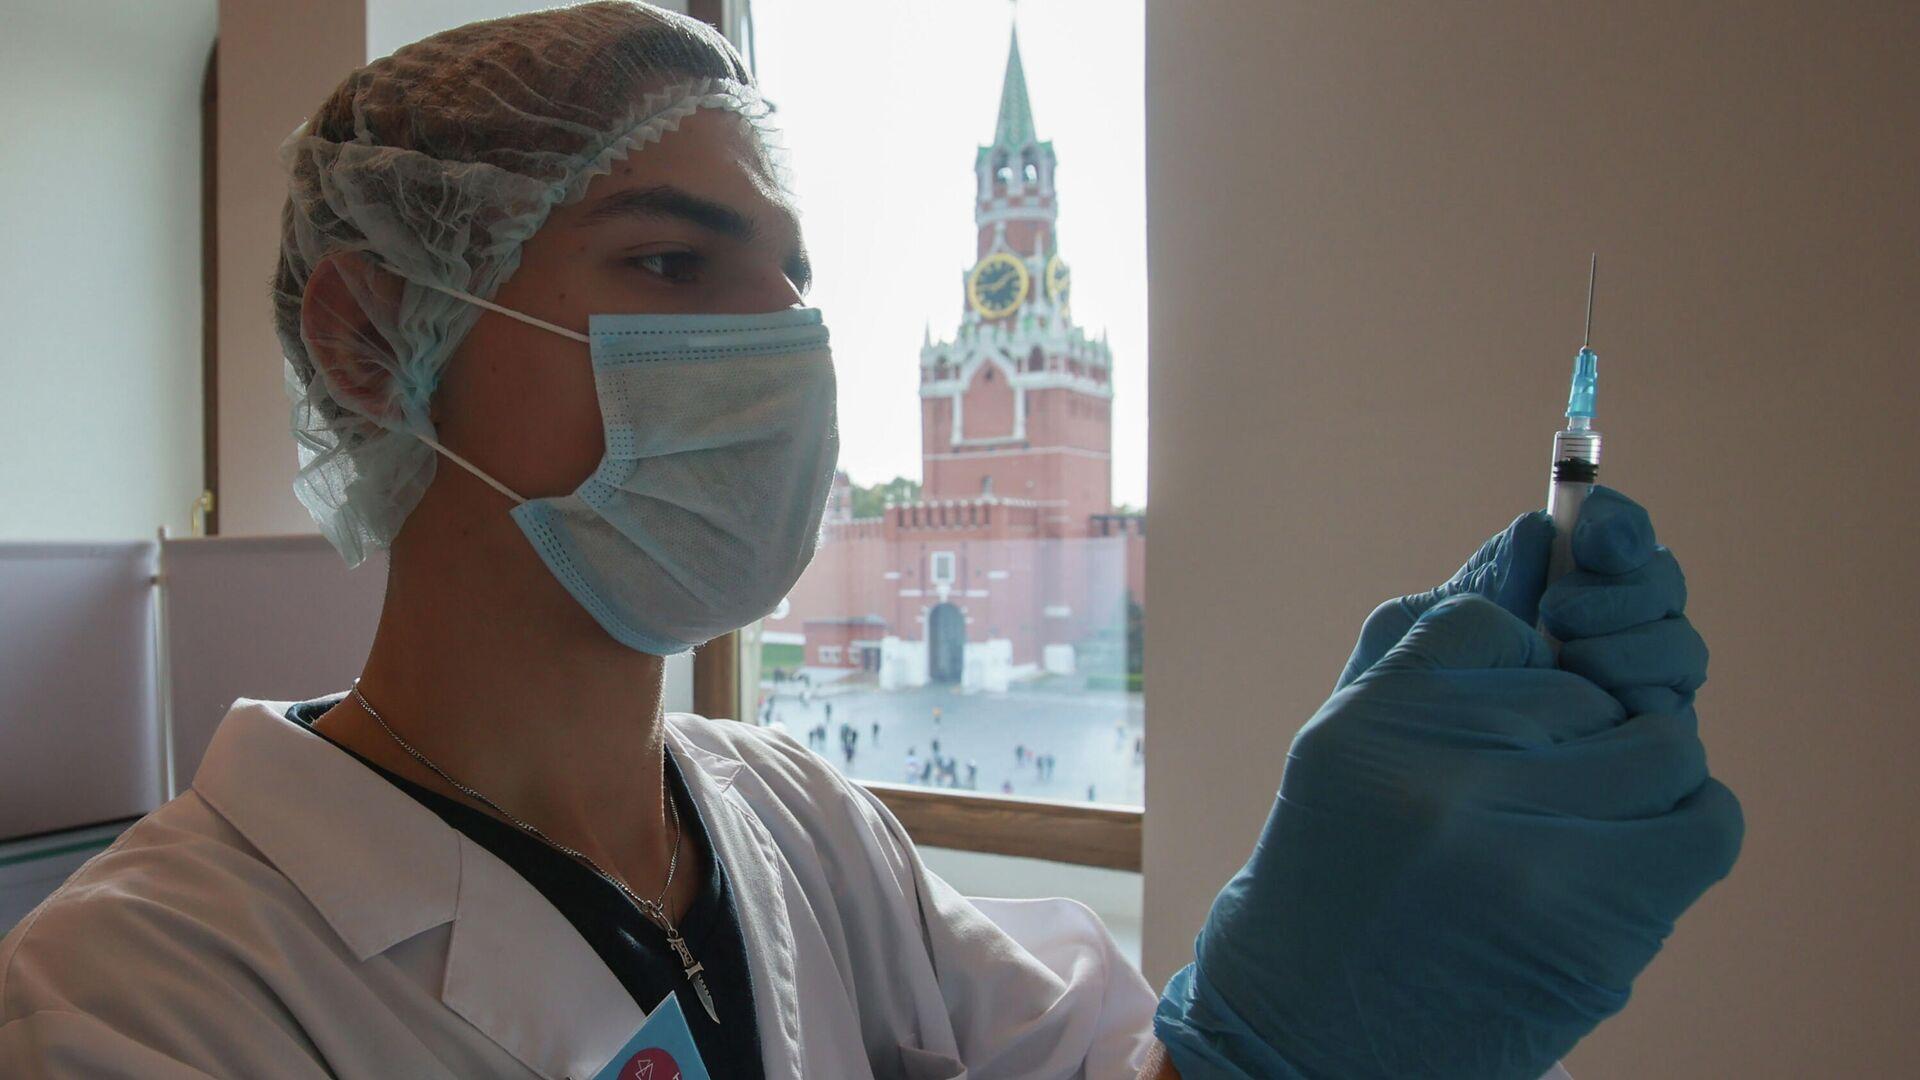 La vacunación contra el COVID en Moscú - Sputnik Mundo, 1920, 05.10.2021